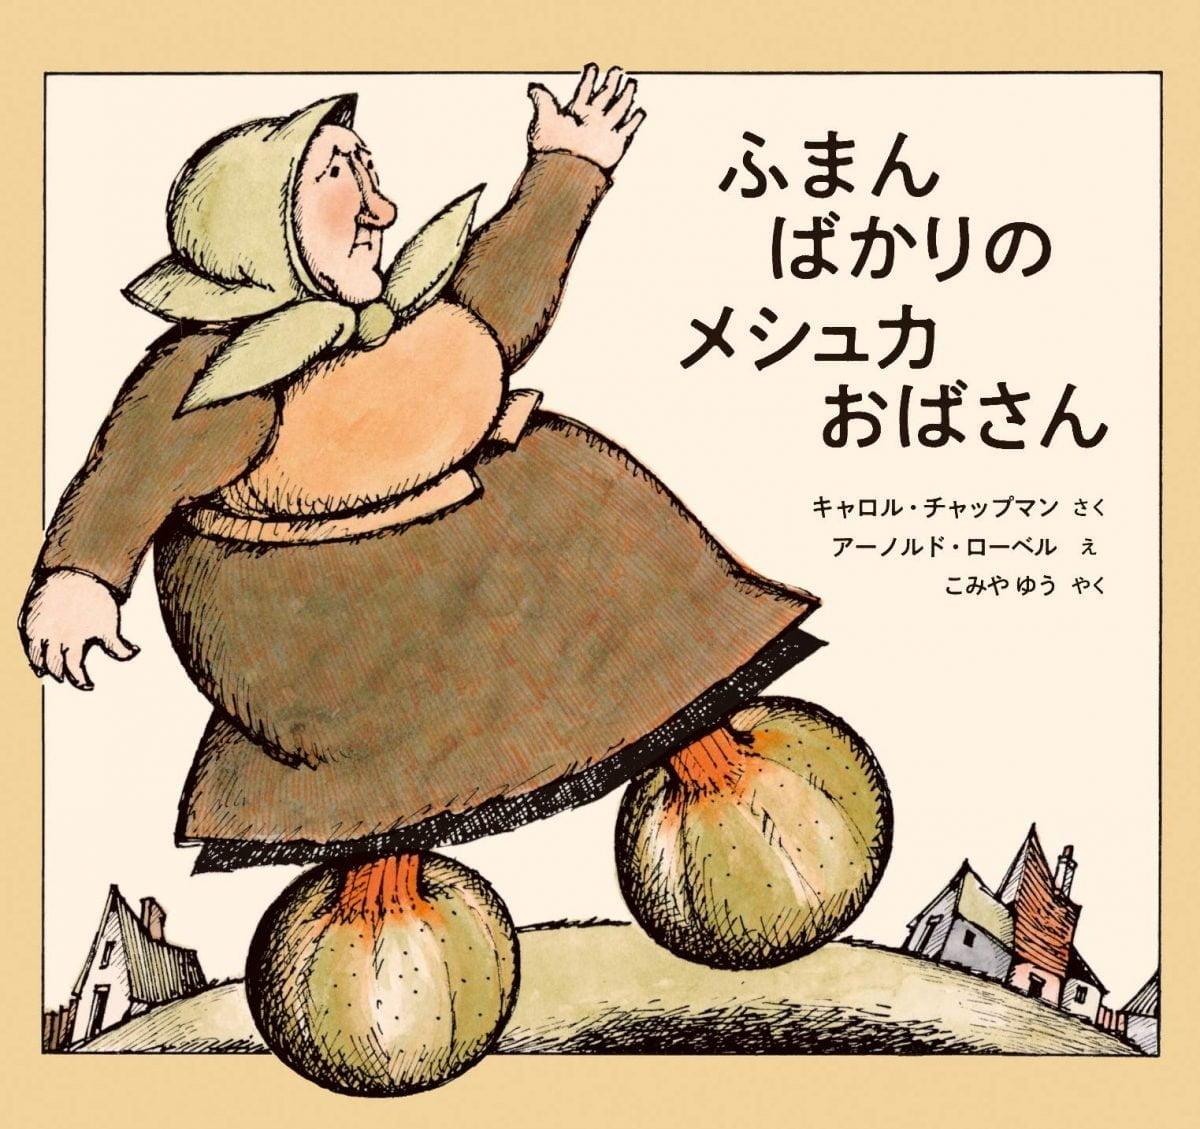 絵本「ふまんばかりの メシュカおばさん」の表紙